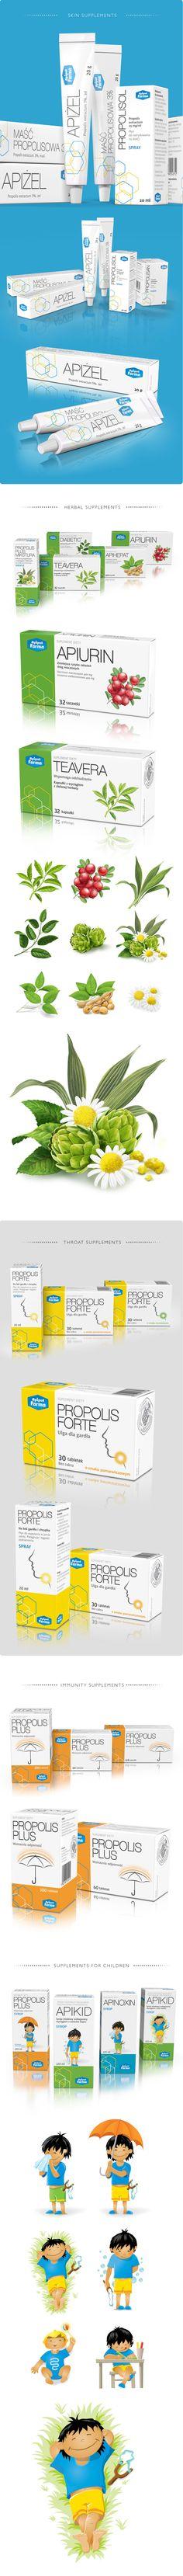 Apipol on Behance Drug Packaging, Medical Packaging, Types Of Packaging, Cosmetic Packaging, Simple Packaging, Pharmacy Design, Design Guidelines, Wayfinding Signage, Medical Technology